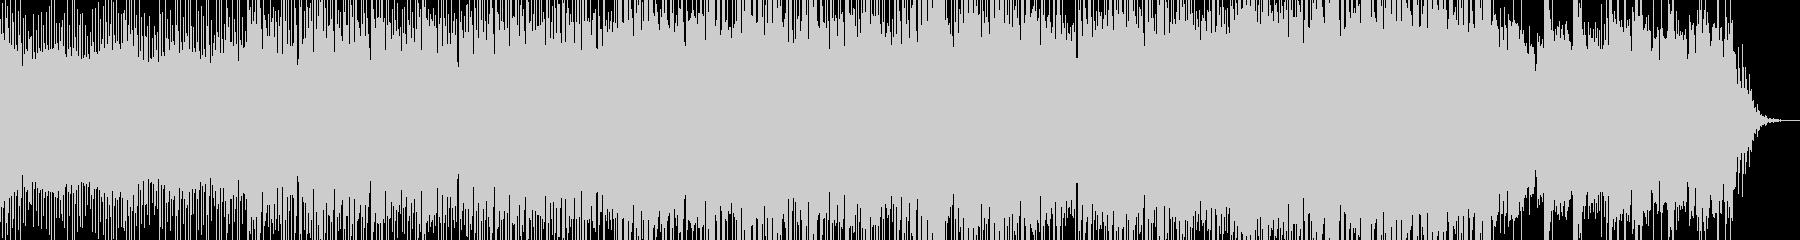 不思議で浮遊感のあるエレクトロサウンドの未再生の波形